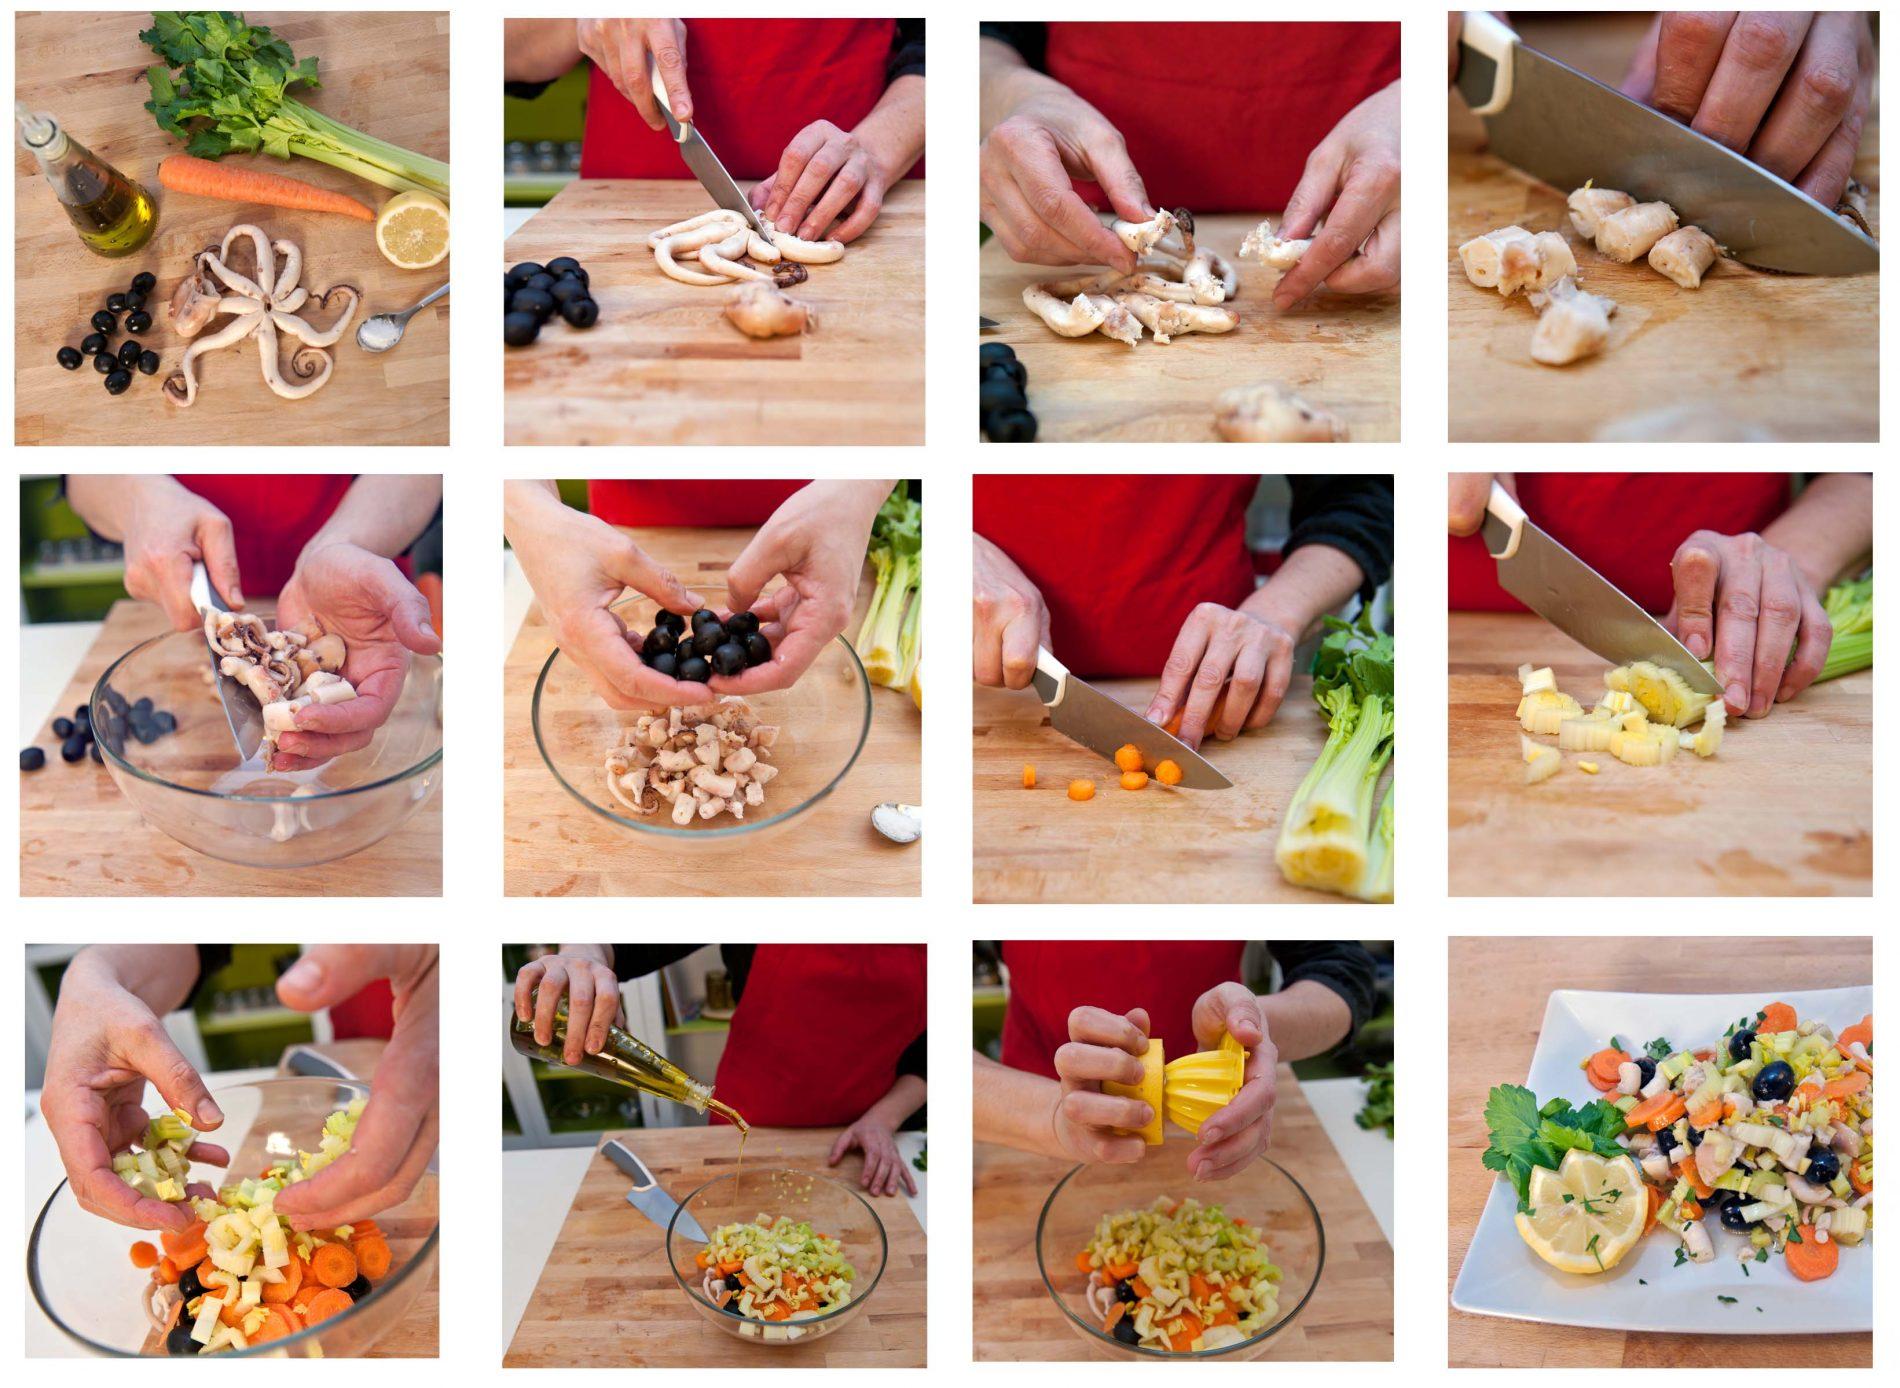 come preparare l'insalata di polpo